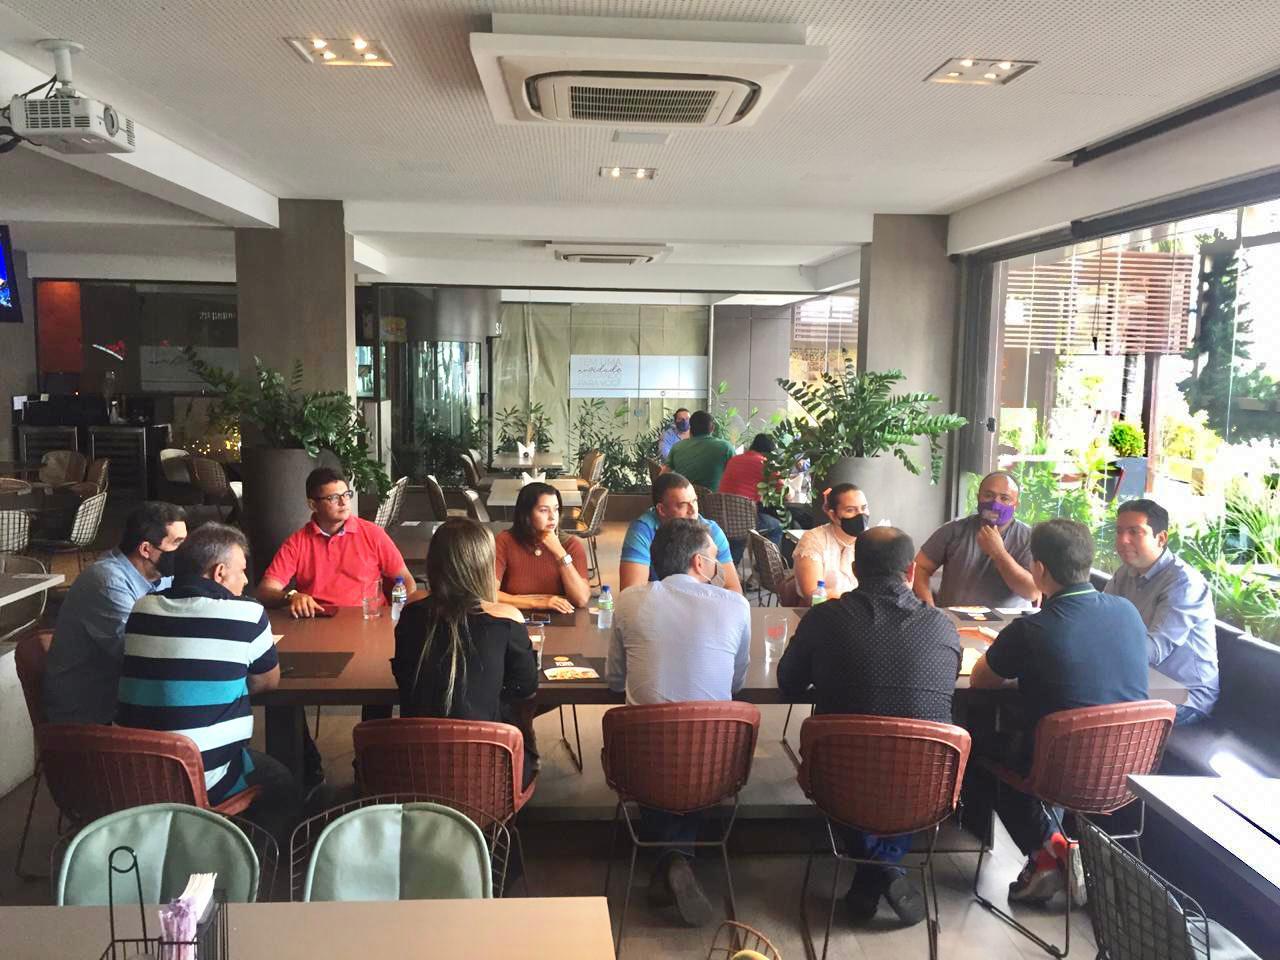 WhatsApp Image 2020 12 03 at 16.30.49 - Veneziano recebe o vice-presidente da Assembleia Felipe Leitão e prefeitos de sua base para tratar de investimentos nos municípios